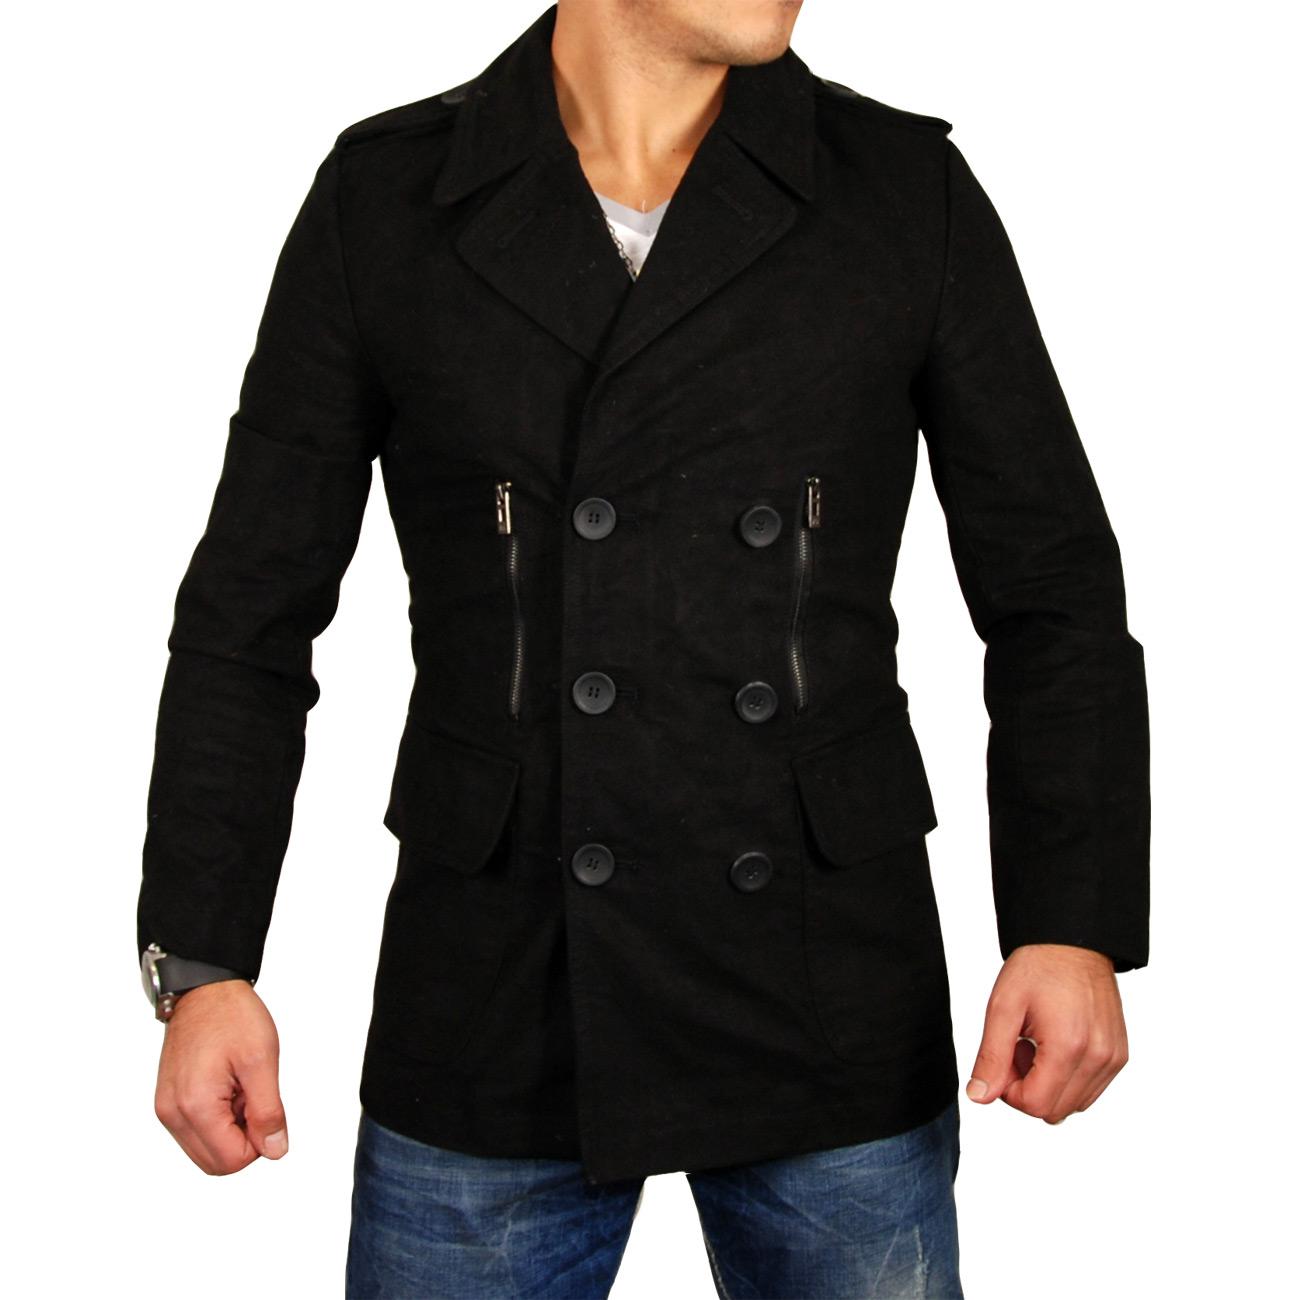 free side herren mantel jacke trenchcoat parker fs 3005. Black Bedroom Furniture Sets. Home Design Ideas